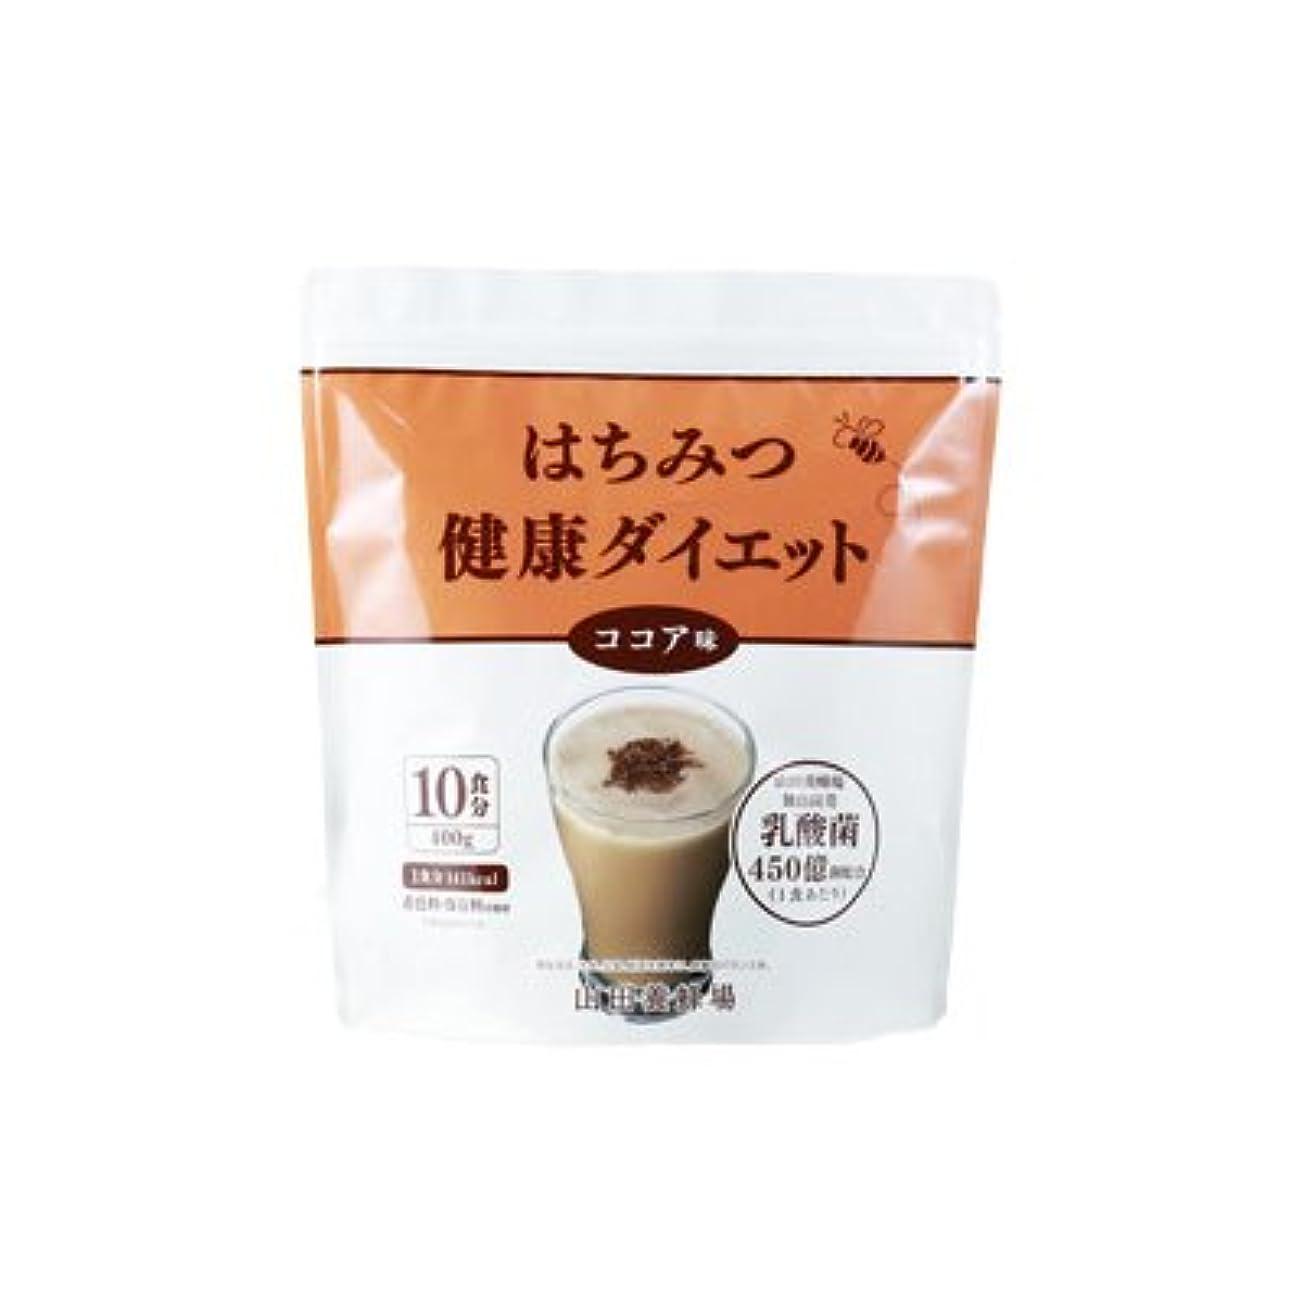 暗記する示すアウターはちみつ健康ダイエット 【ココア味】400g(10食分)